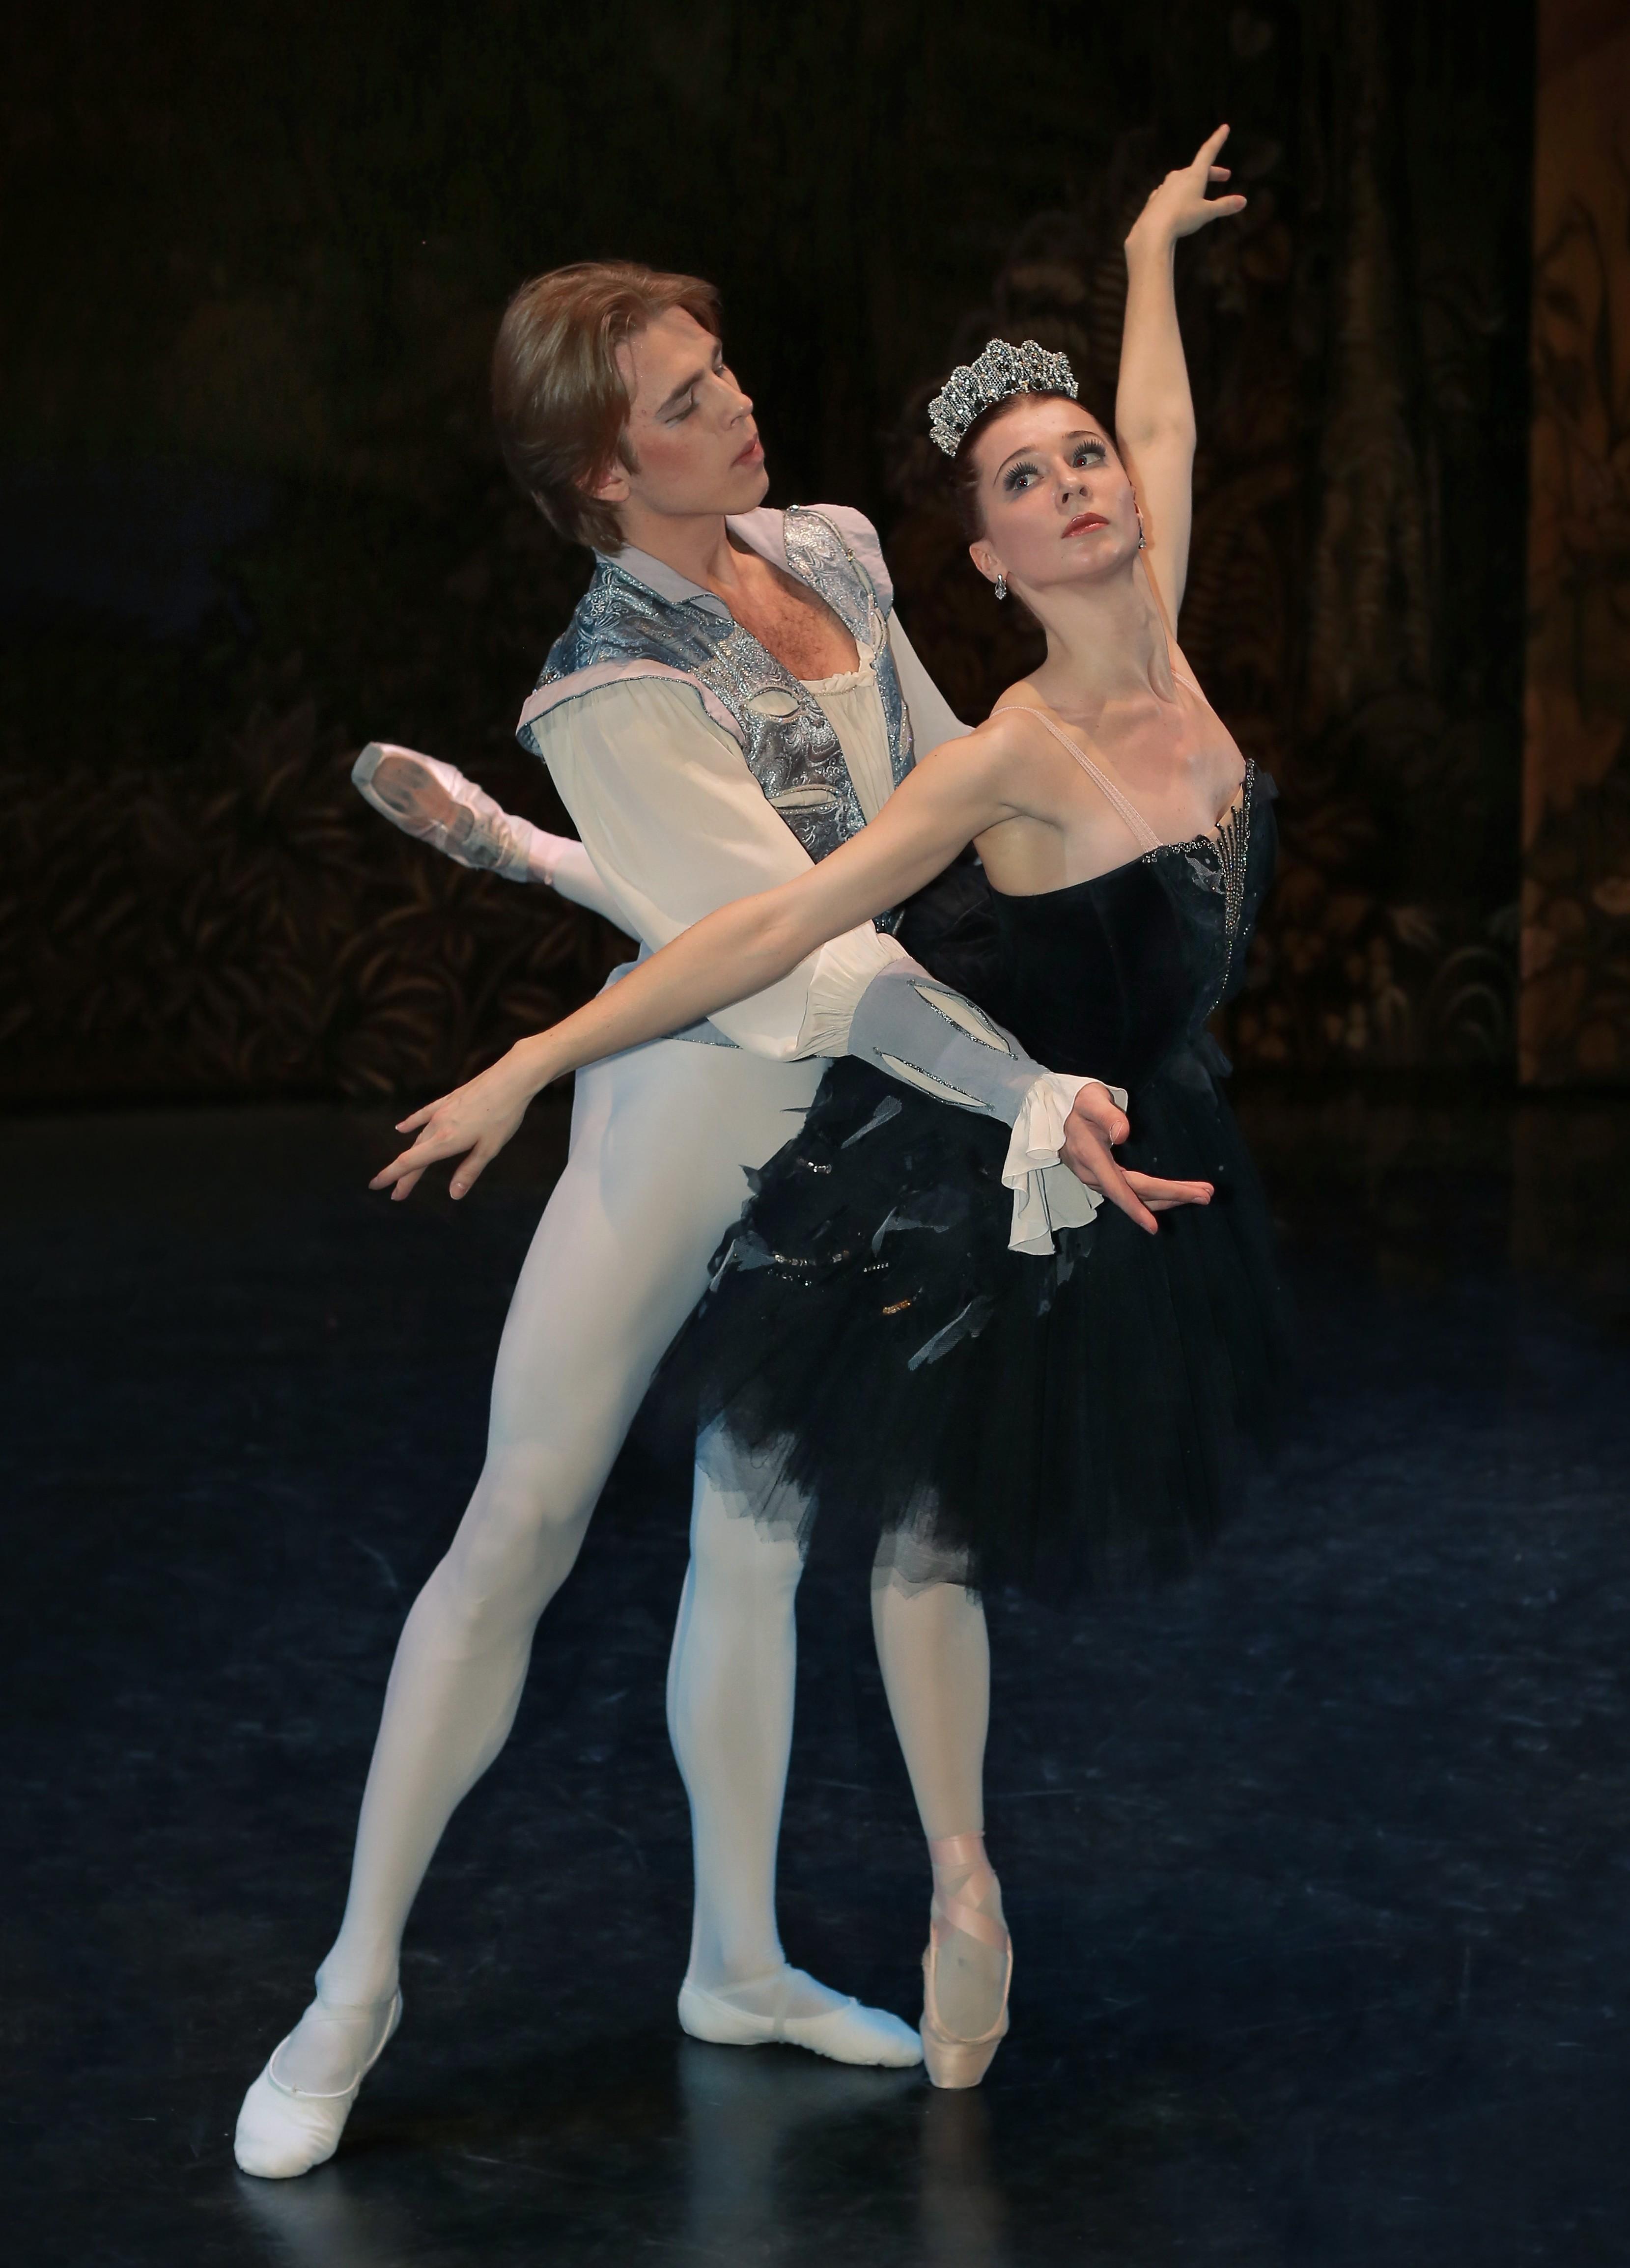 Сегодня в Пекине состоится первый балетный спектакль